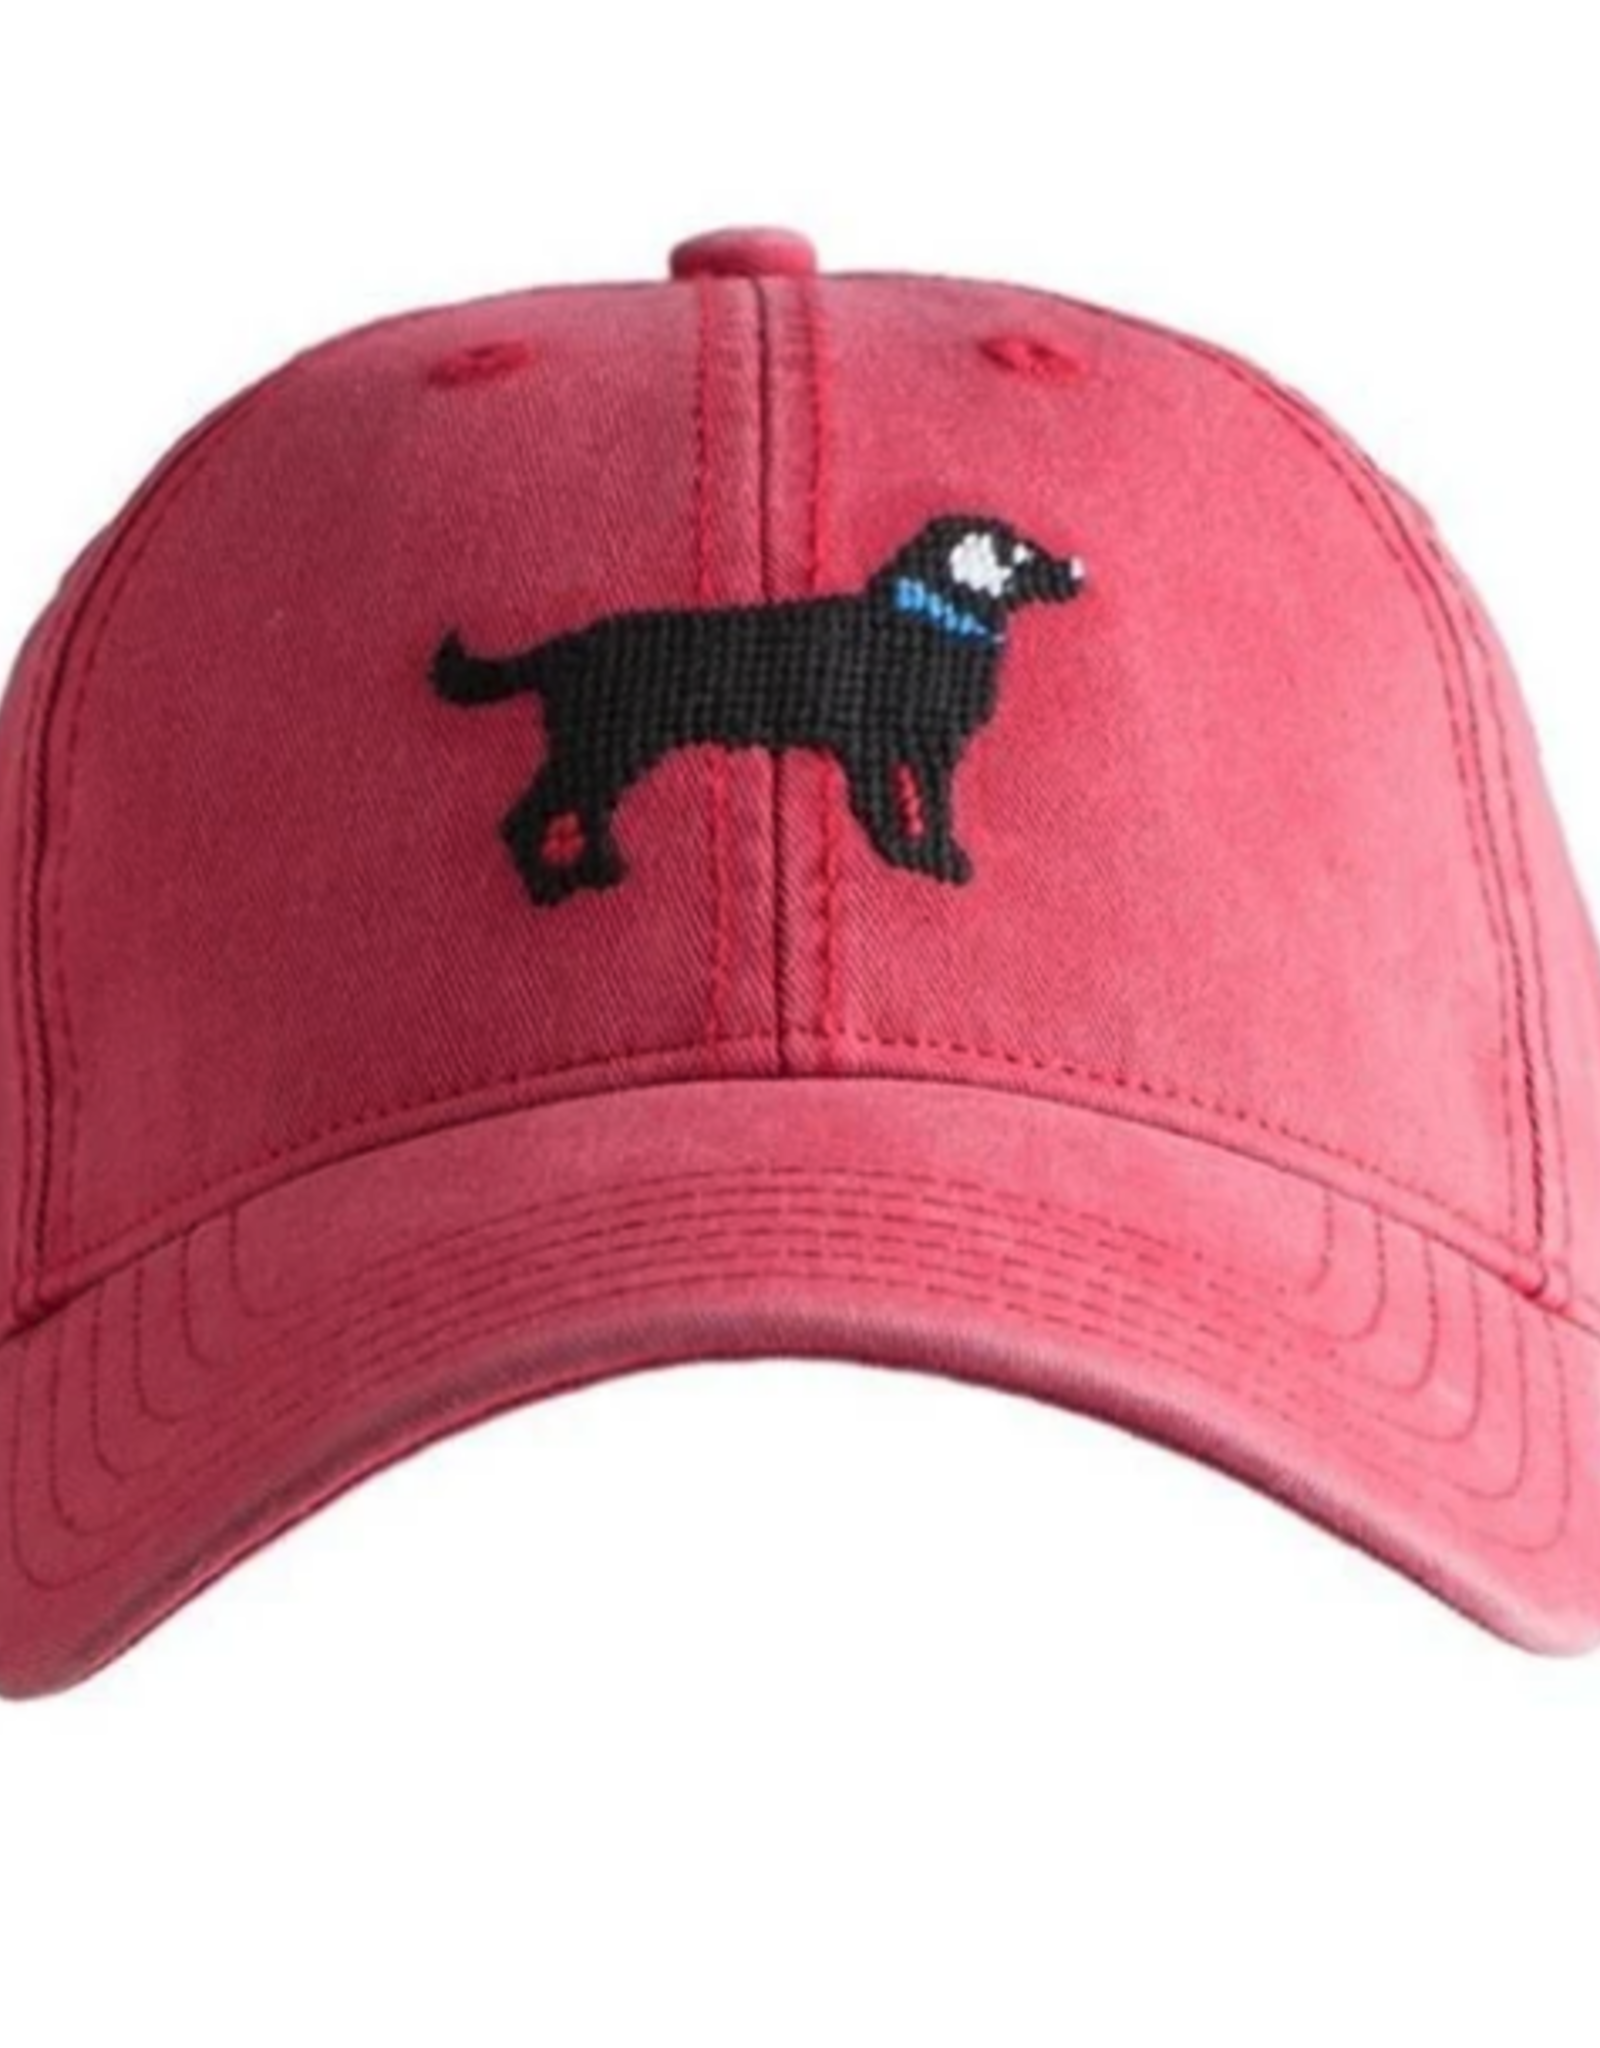 Harding Lane Harding Lane - Black Lab on Weathered Red Adult hat